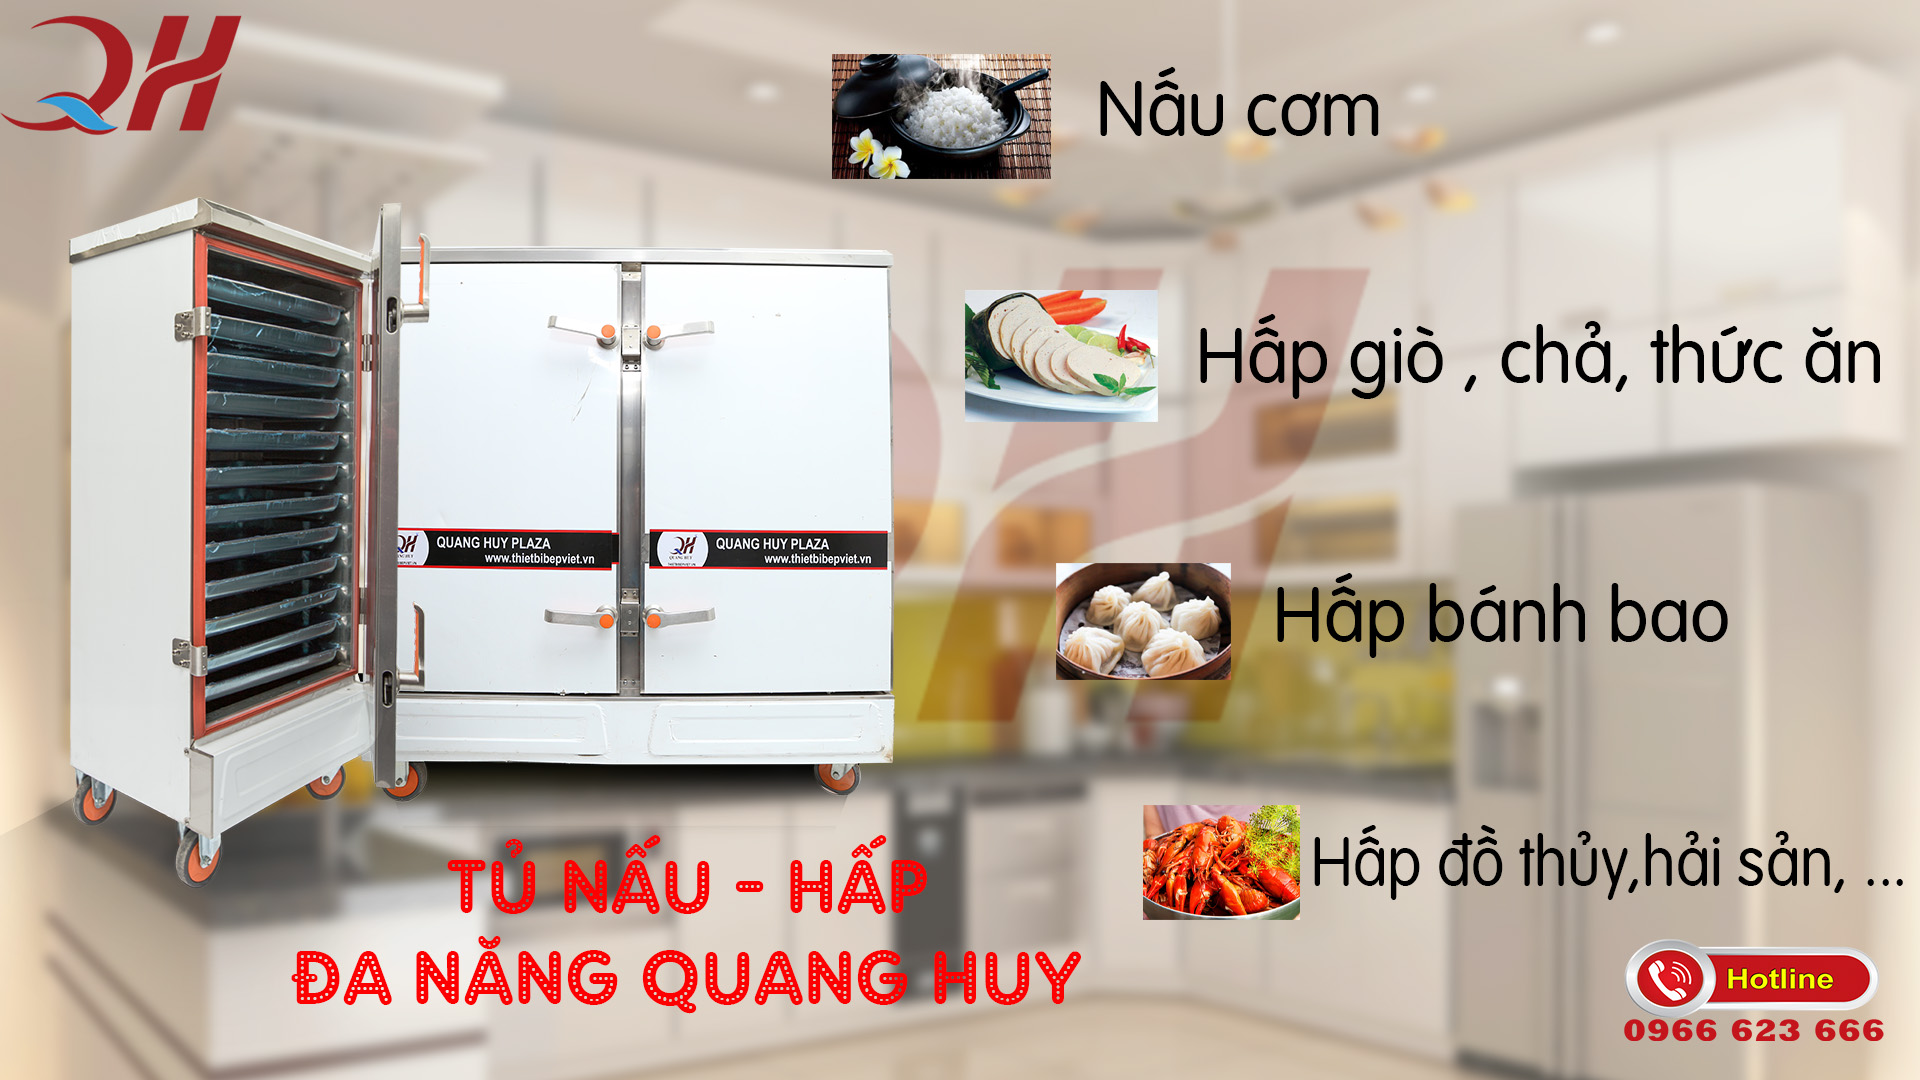 Hướng dẫn mua tủ nấu cơm công nghiệp 6 khay tại hà nội